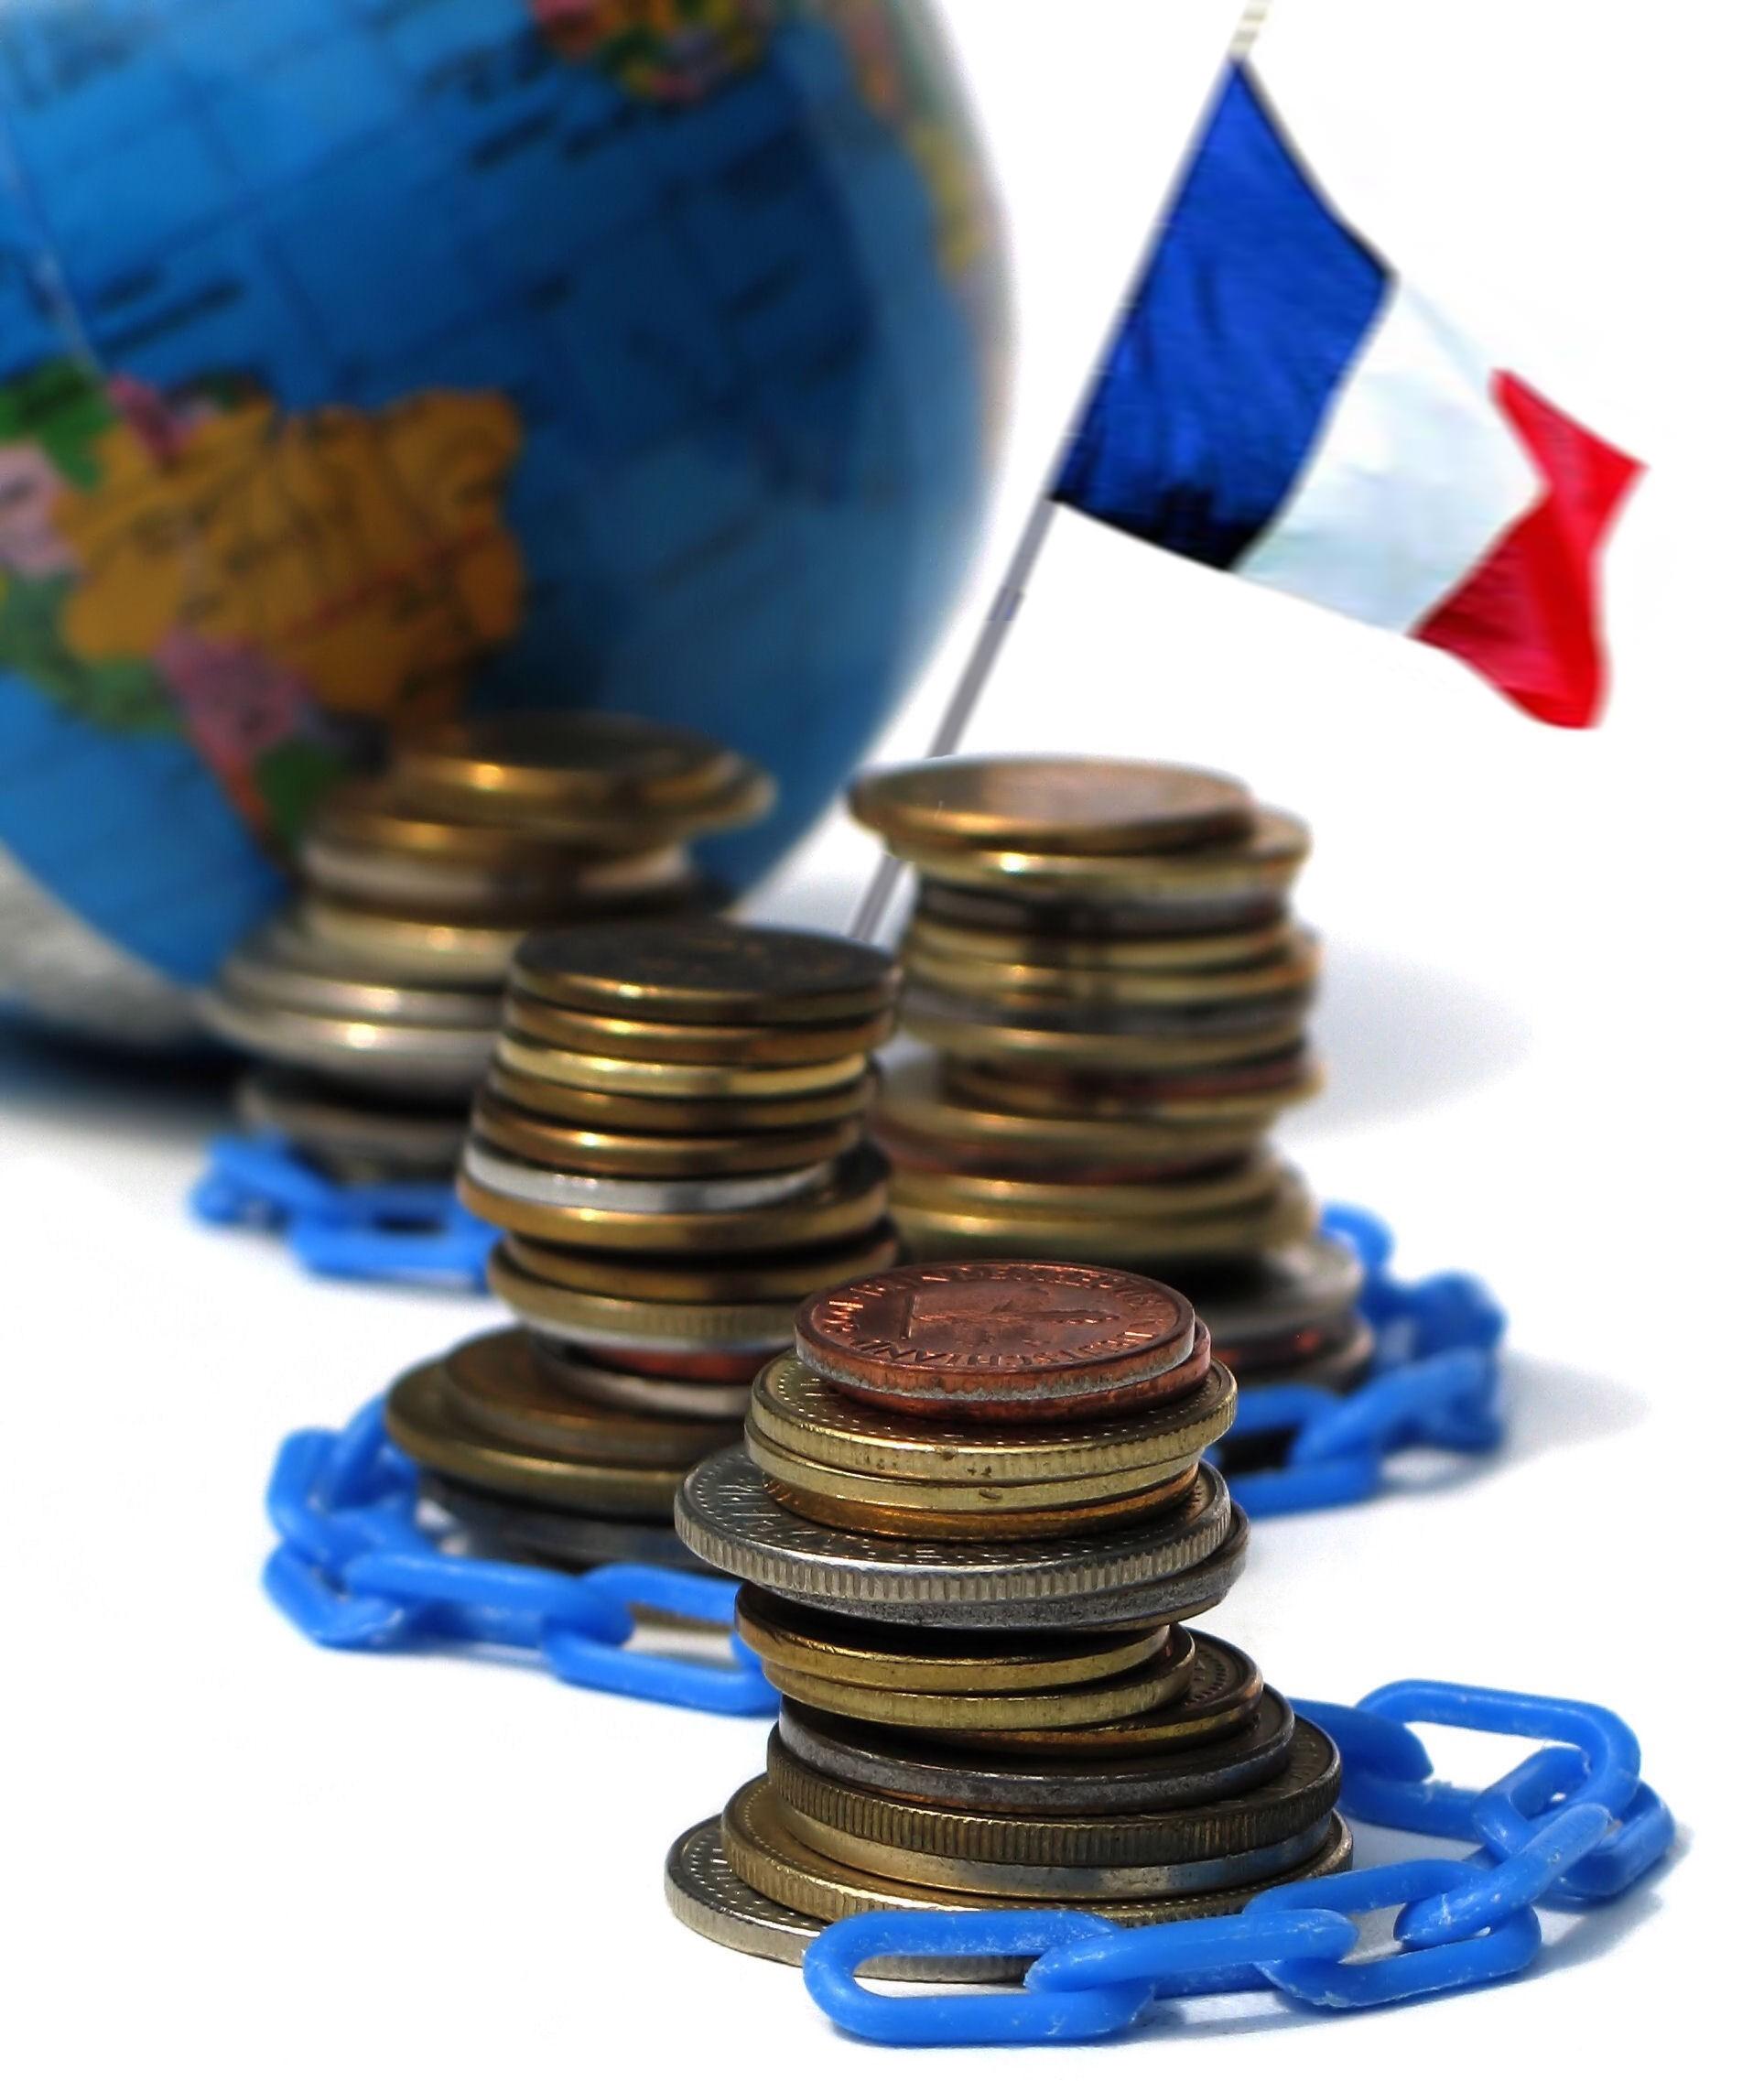 La croissance en France se confirme avec une hausse de 0,5% au 2è trimestre 2017